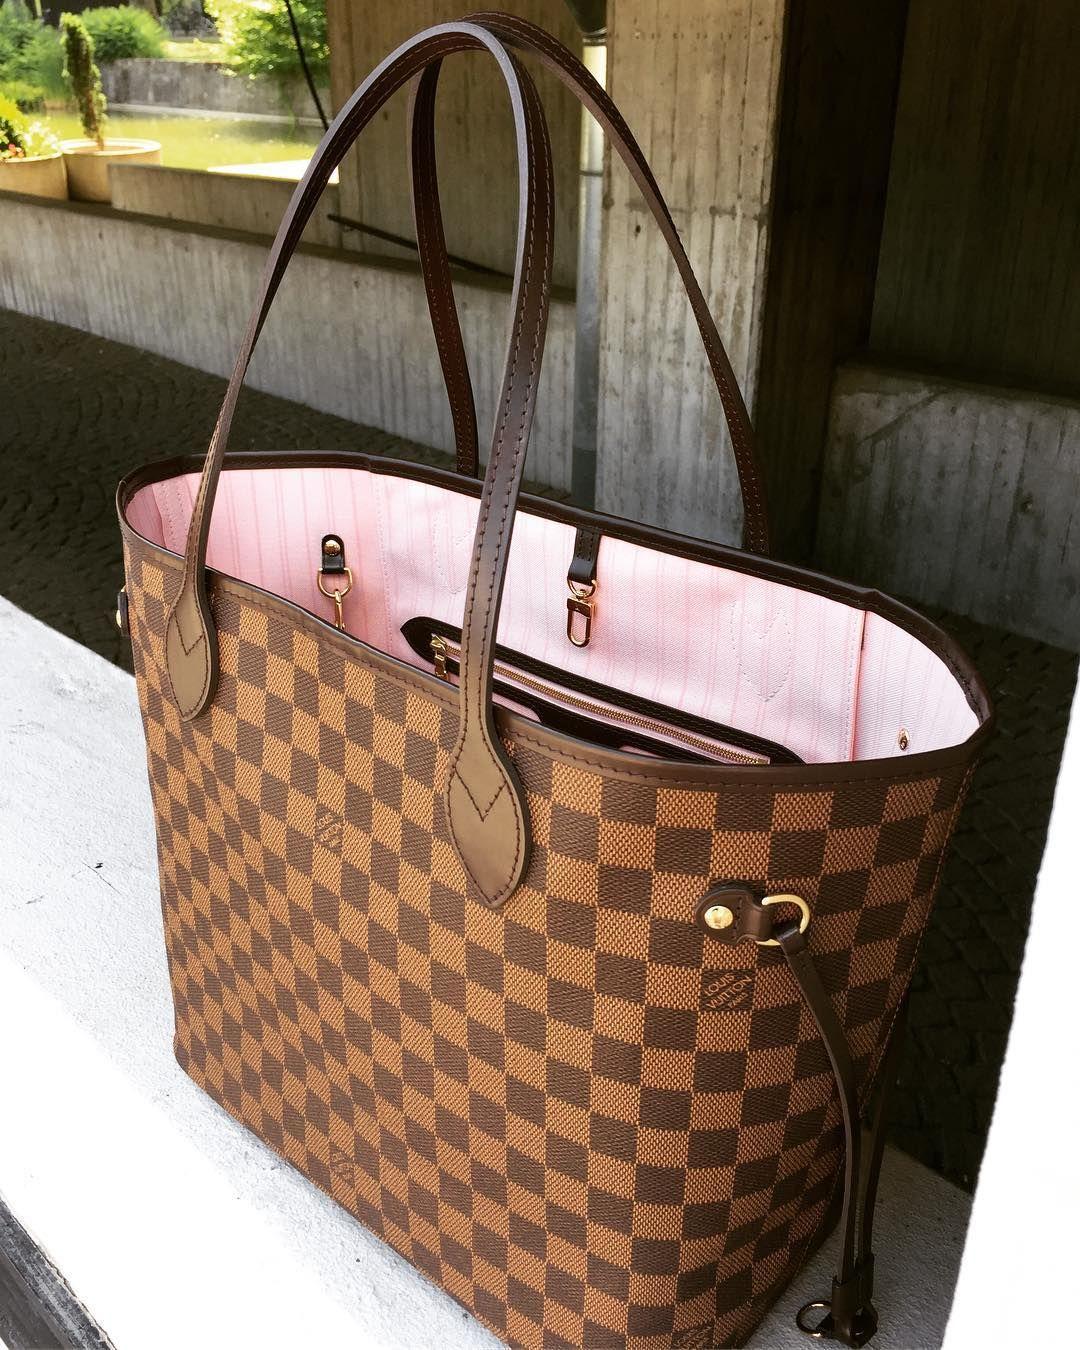 8e8ae2ba67dd Classic Louis Vuitton Damier Neverful Handbags For Fashion Women. Best LV  Bag for Summer 2017.  louis  vuitton  handbags